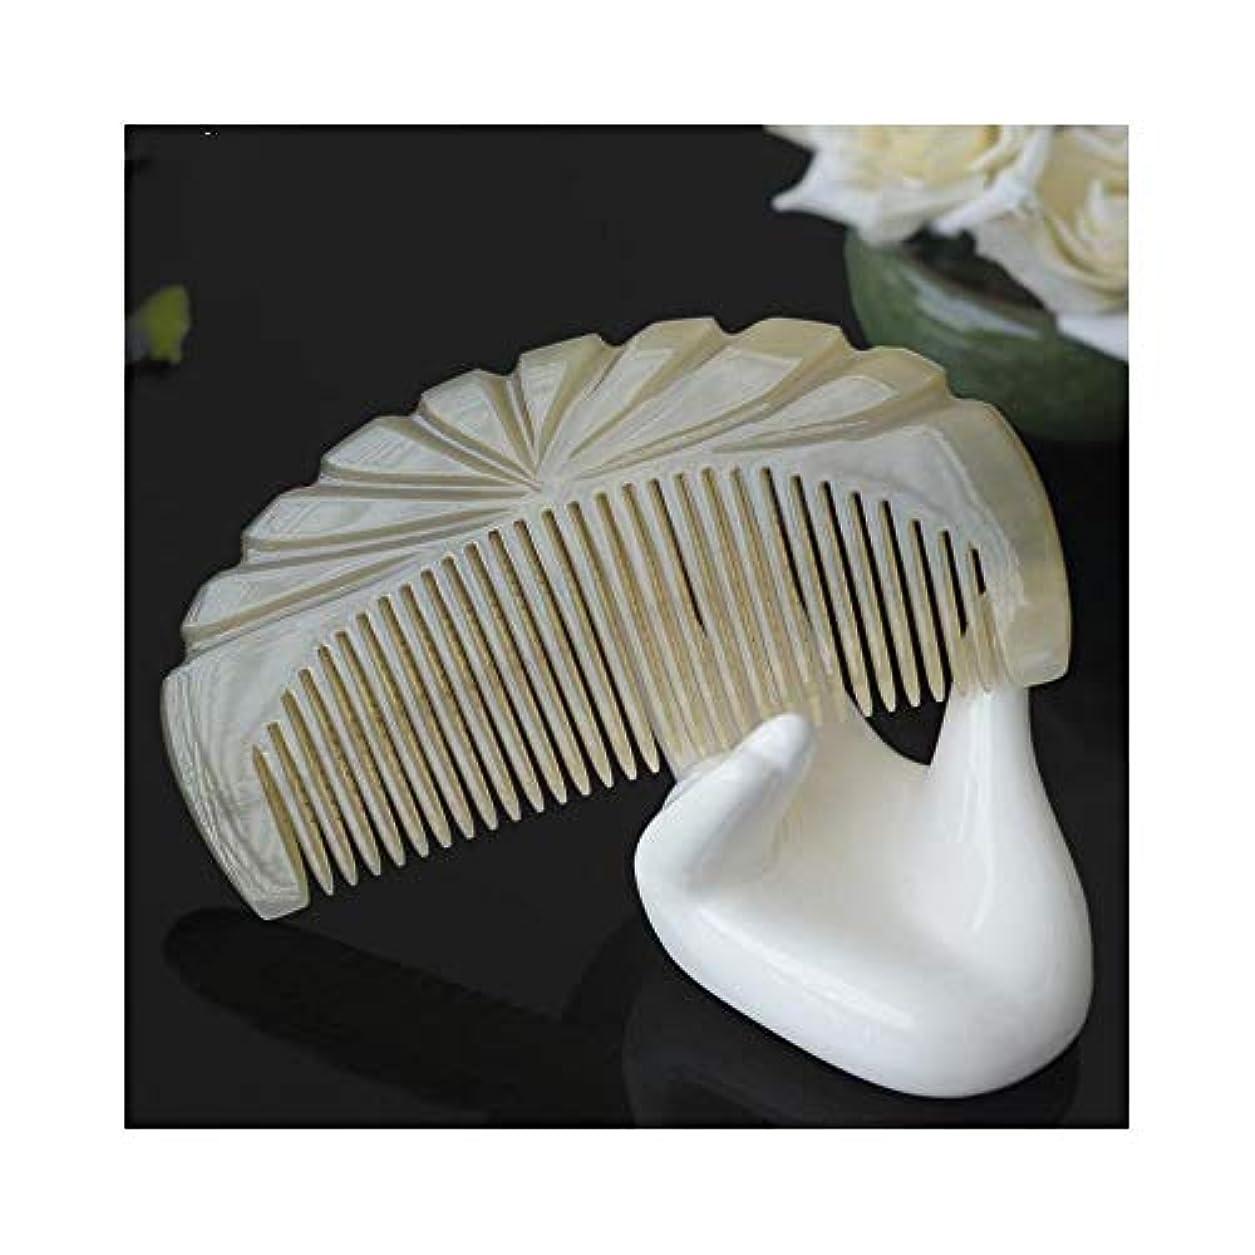 キャベツ完全に乾く可塑性WASAIO 毛は自然な木の櫛の毛にブラシをかけます-もつれを解くための自然な帯電防止木